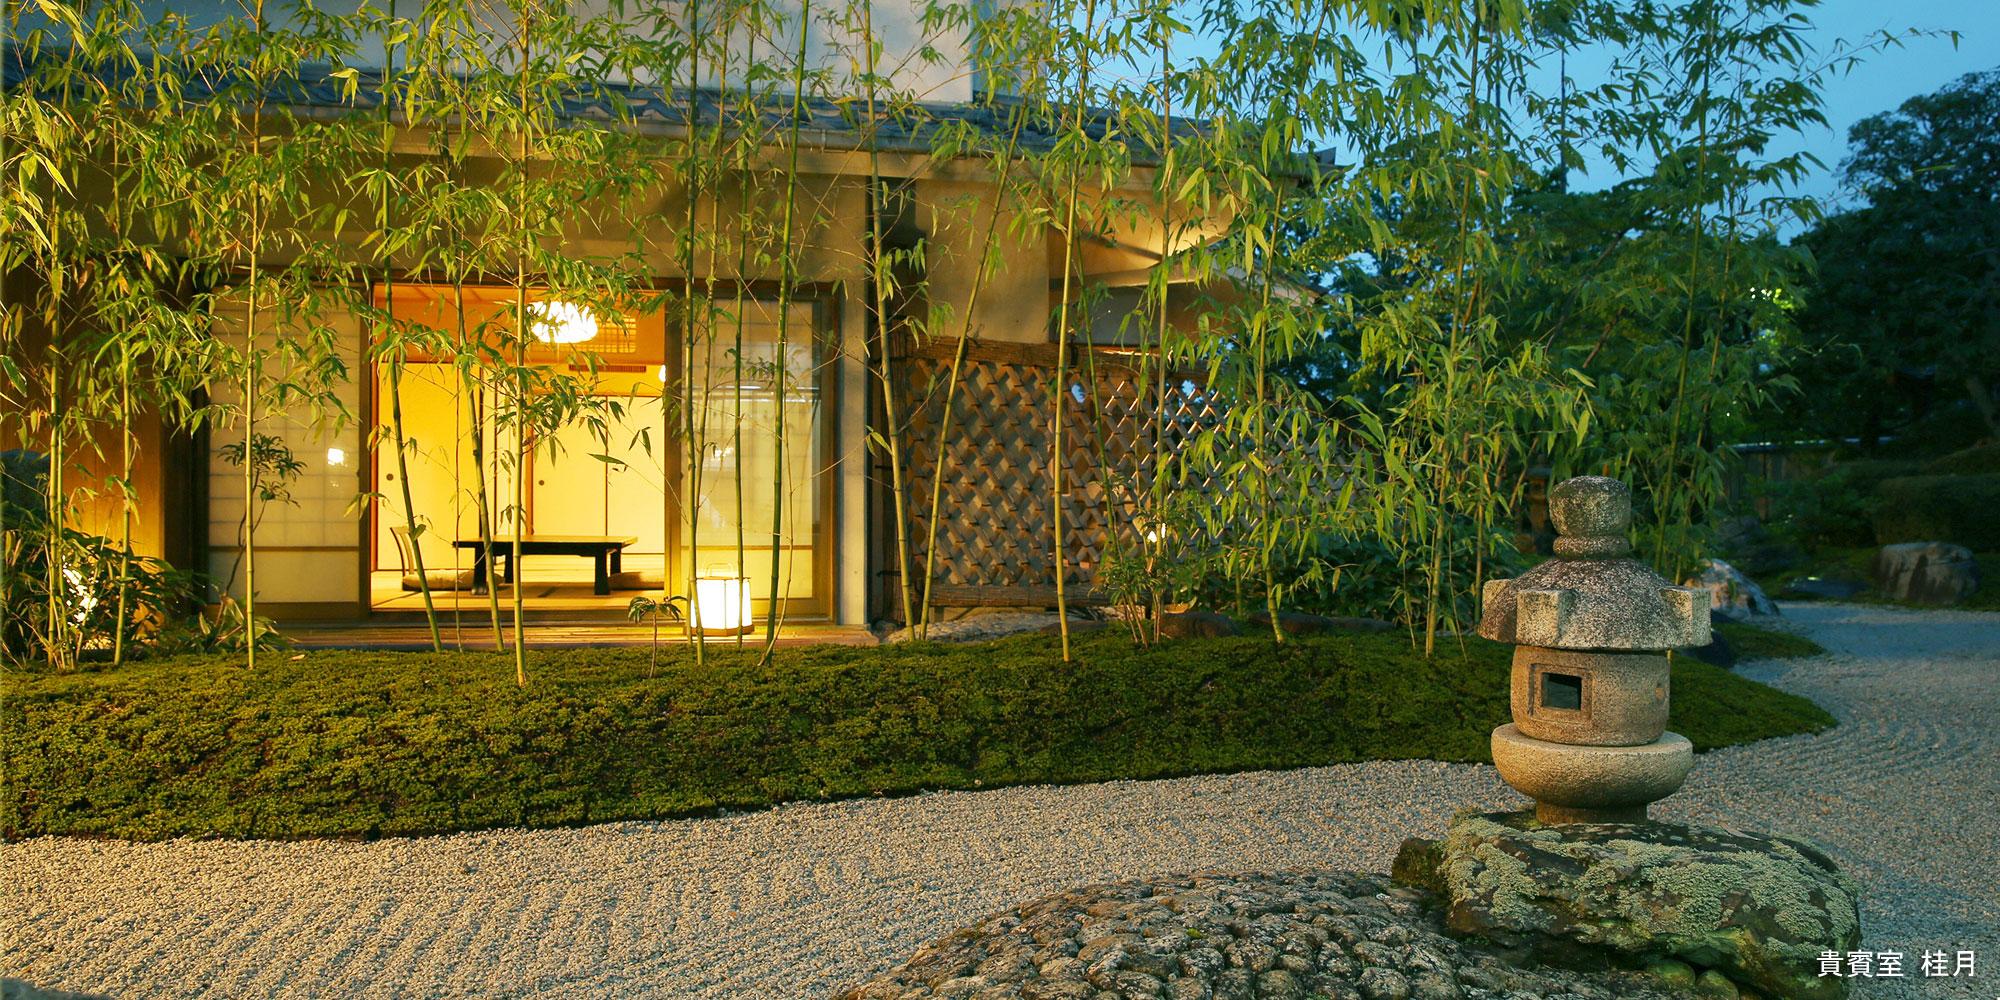 貴賓室 桂月 - 山口県 萩市|世界遺産[萩城下町]唯一の旅館 萩城三の丸 北門屋敷